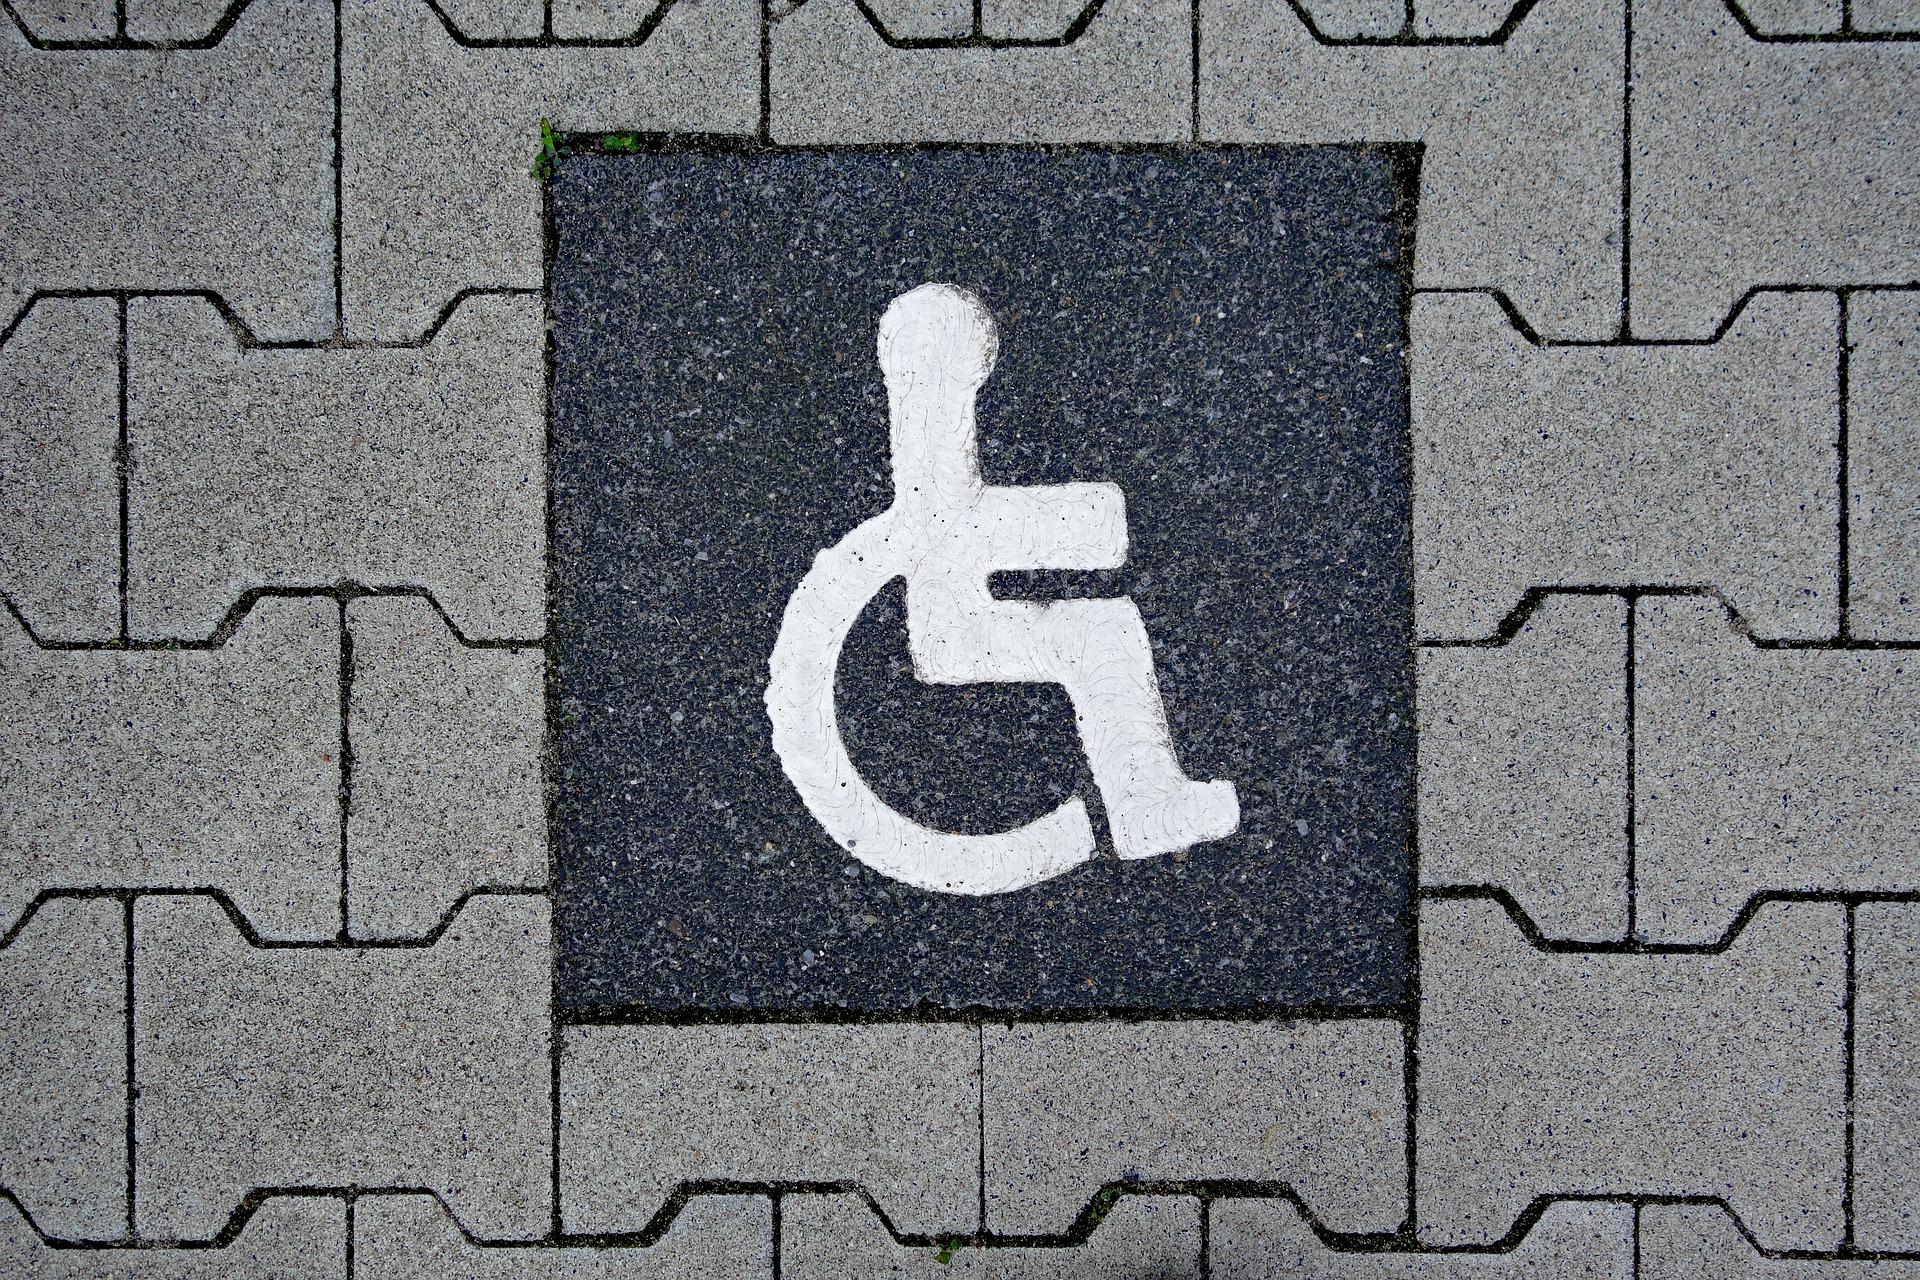 parcheggio disabili-parcheggio per disabili-tagliando disabili-pass disabili-ability channel-parcheggio riservato ai disabili